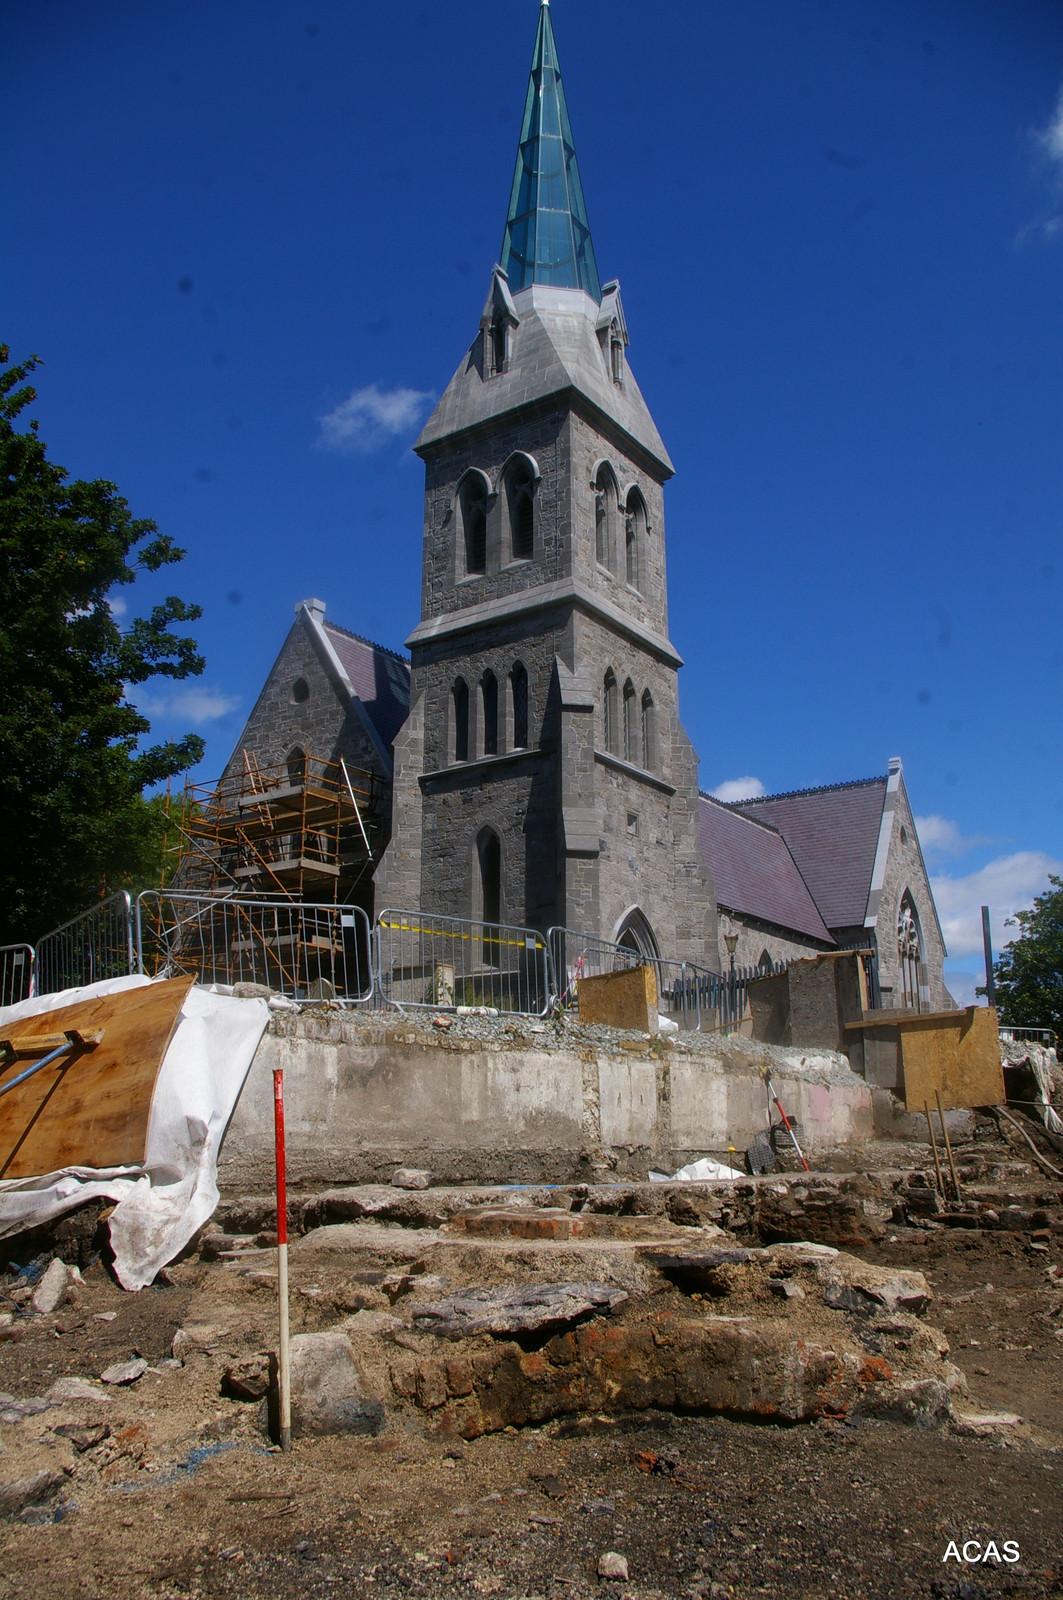 Excavation on Site